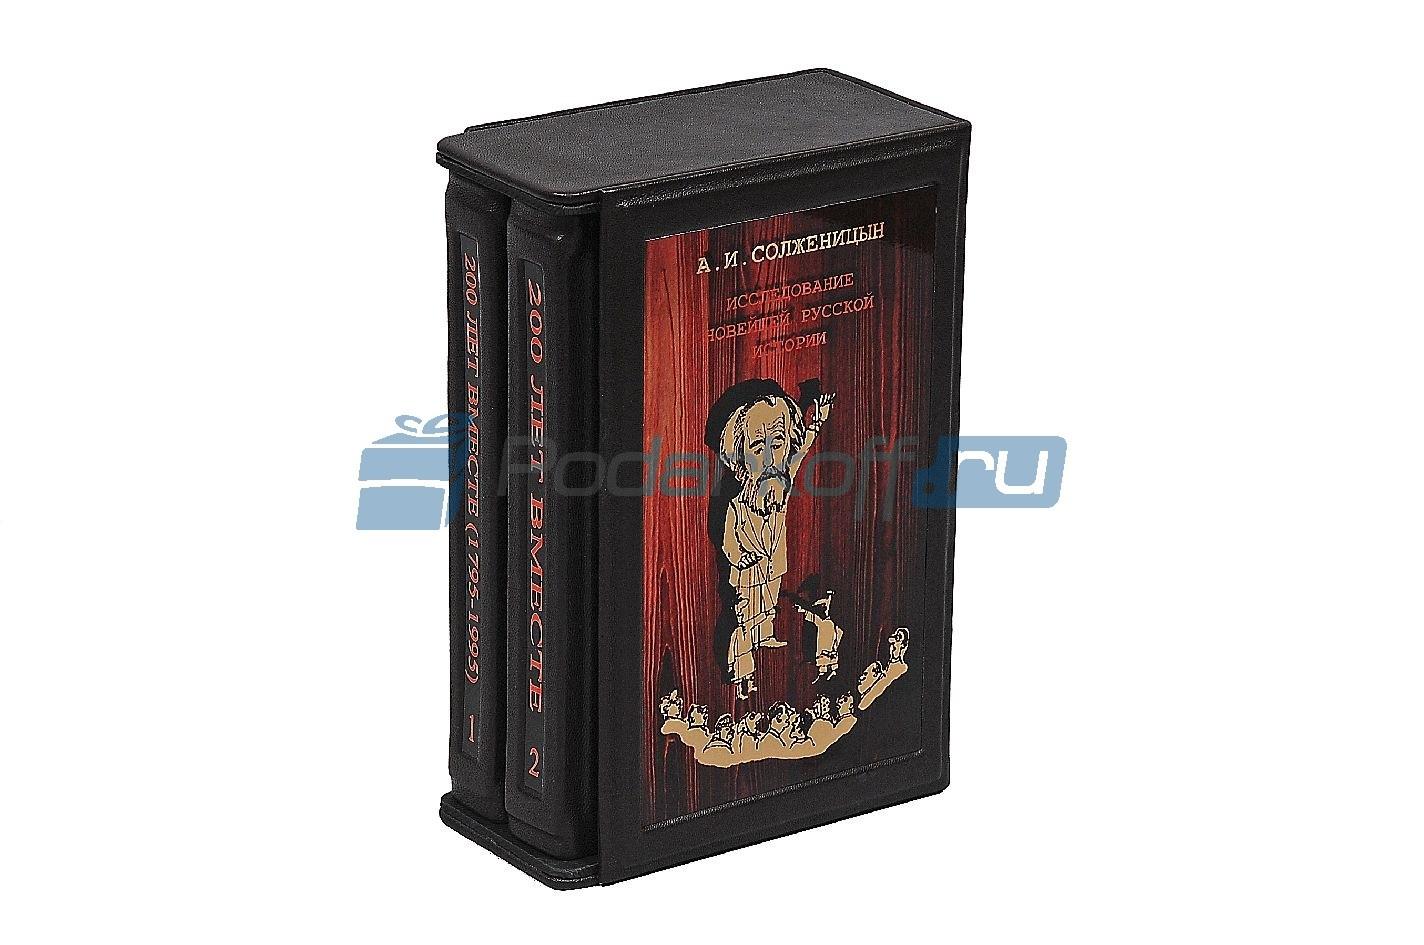 Книга Солженицын А.И. Двести лет вместе